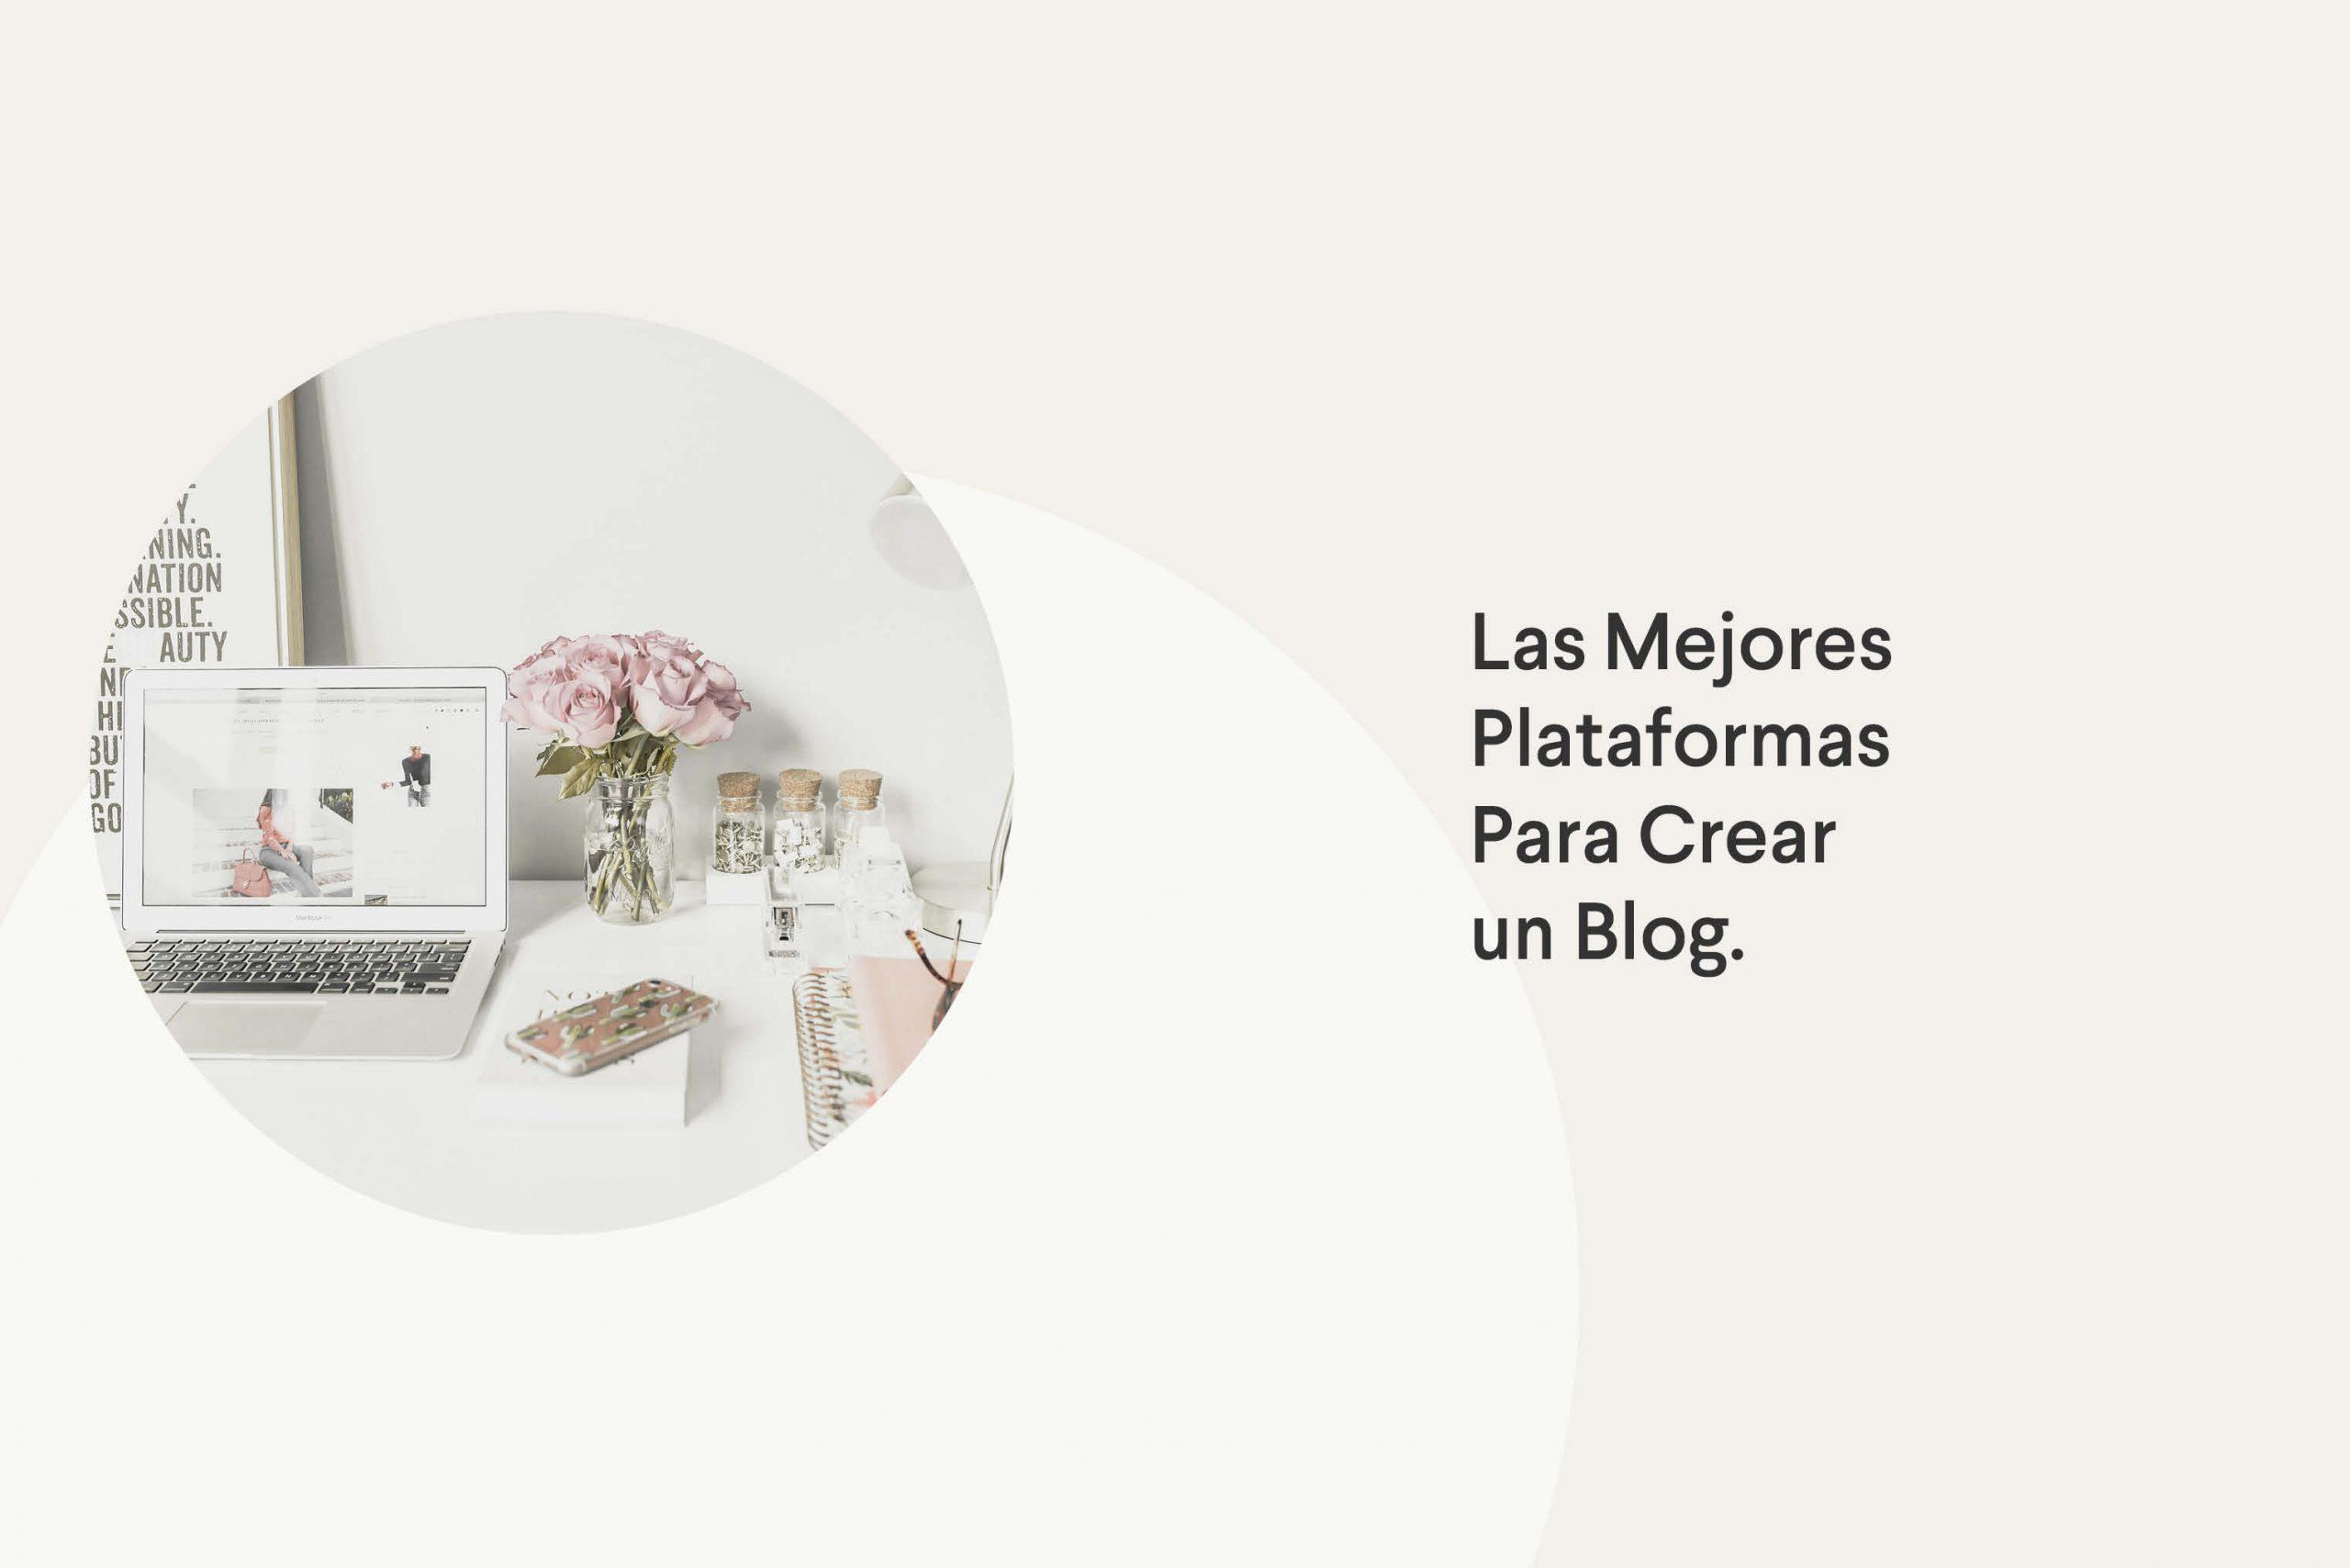 Mejores plataformas para crear un blog